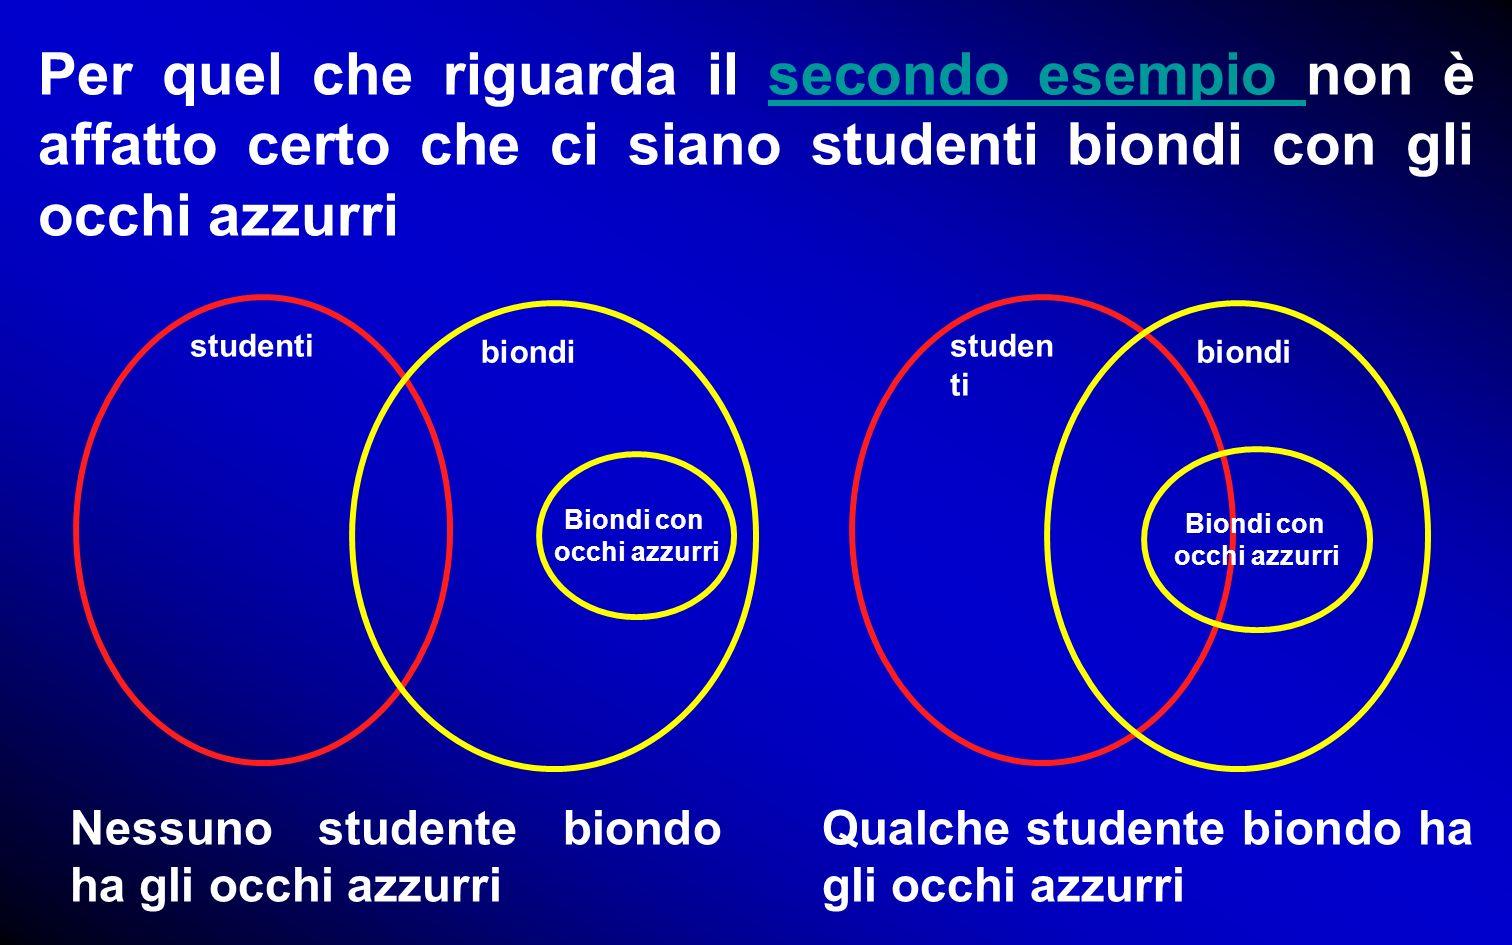 Per quel che riguarda il secondo esempio non è affatto certo che ci siano studenti biondi con gli occhi azzurri